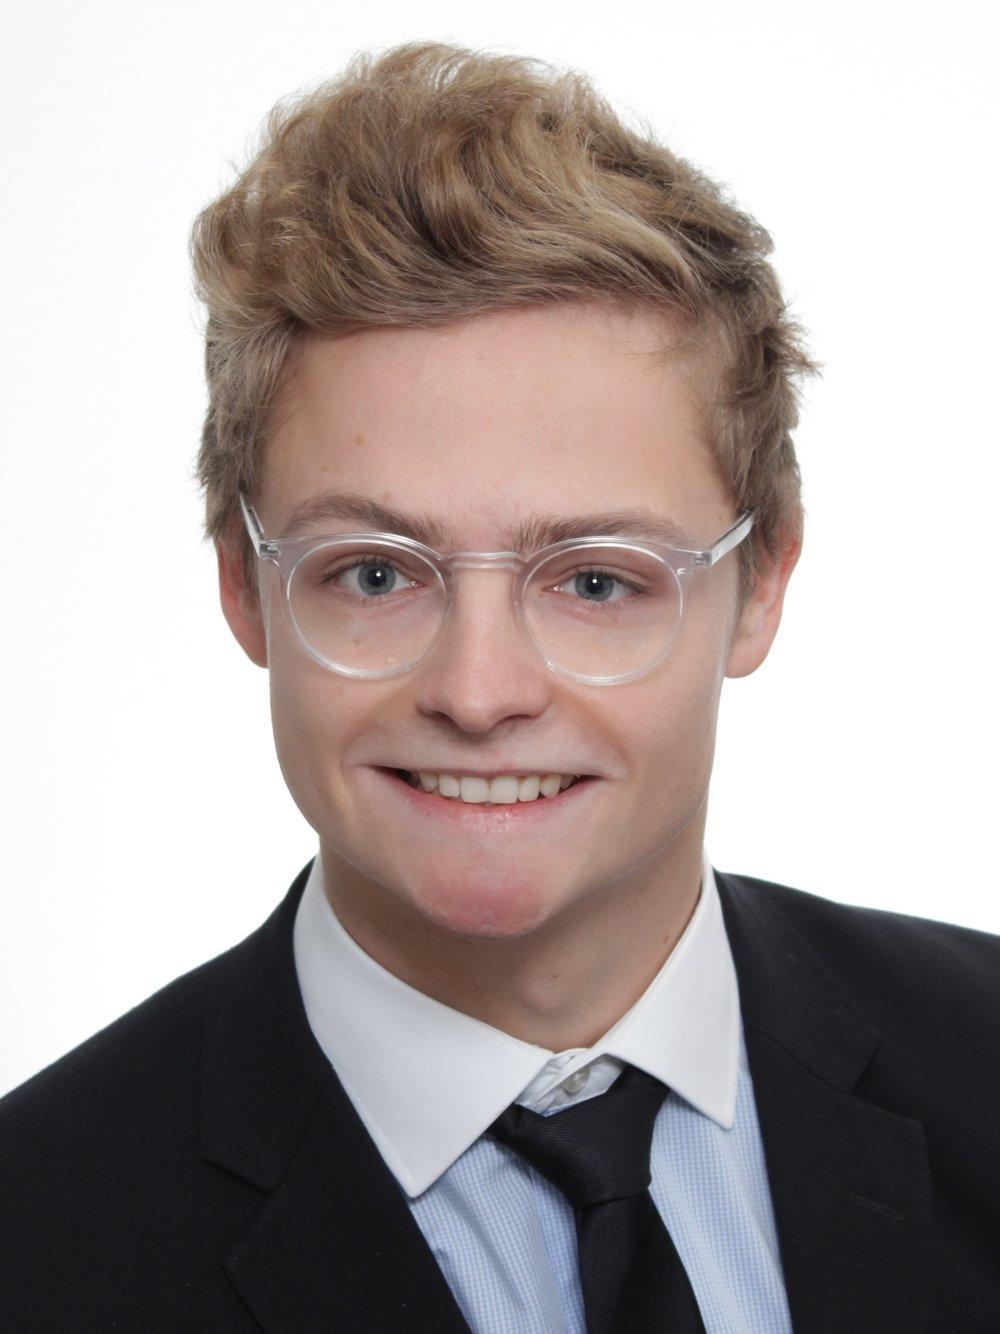 Moritz Gillmair - Chief Development Officer